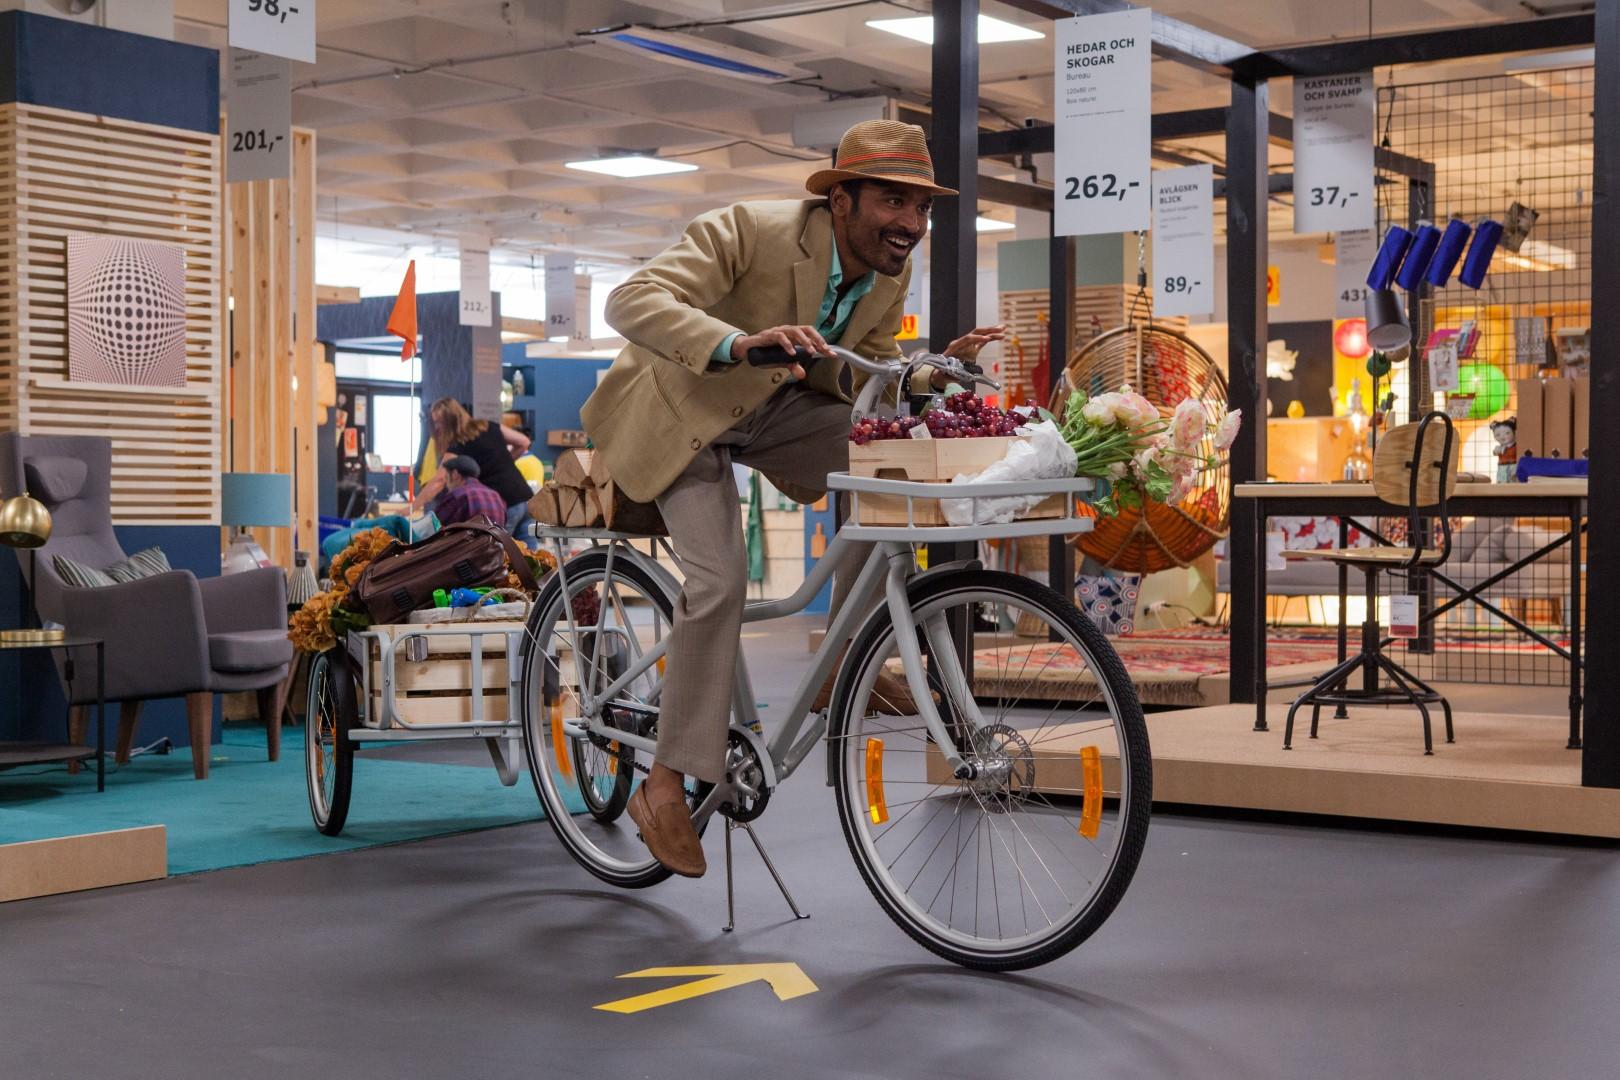 India Bcn Armario De La El Presentará Un A Ikea' Se París En 8Nwyn0Ovm